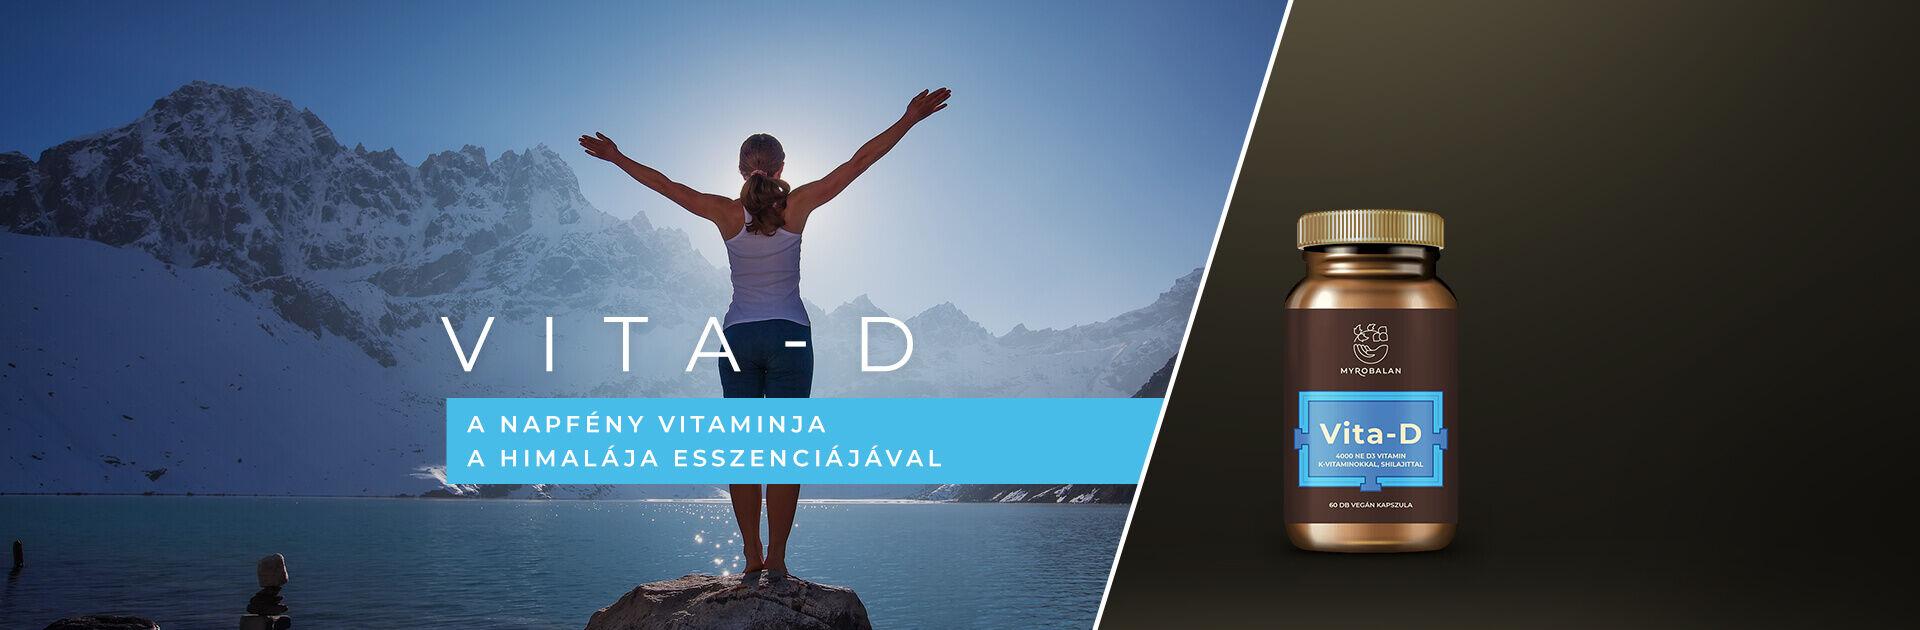 Vita-D